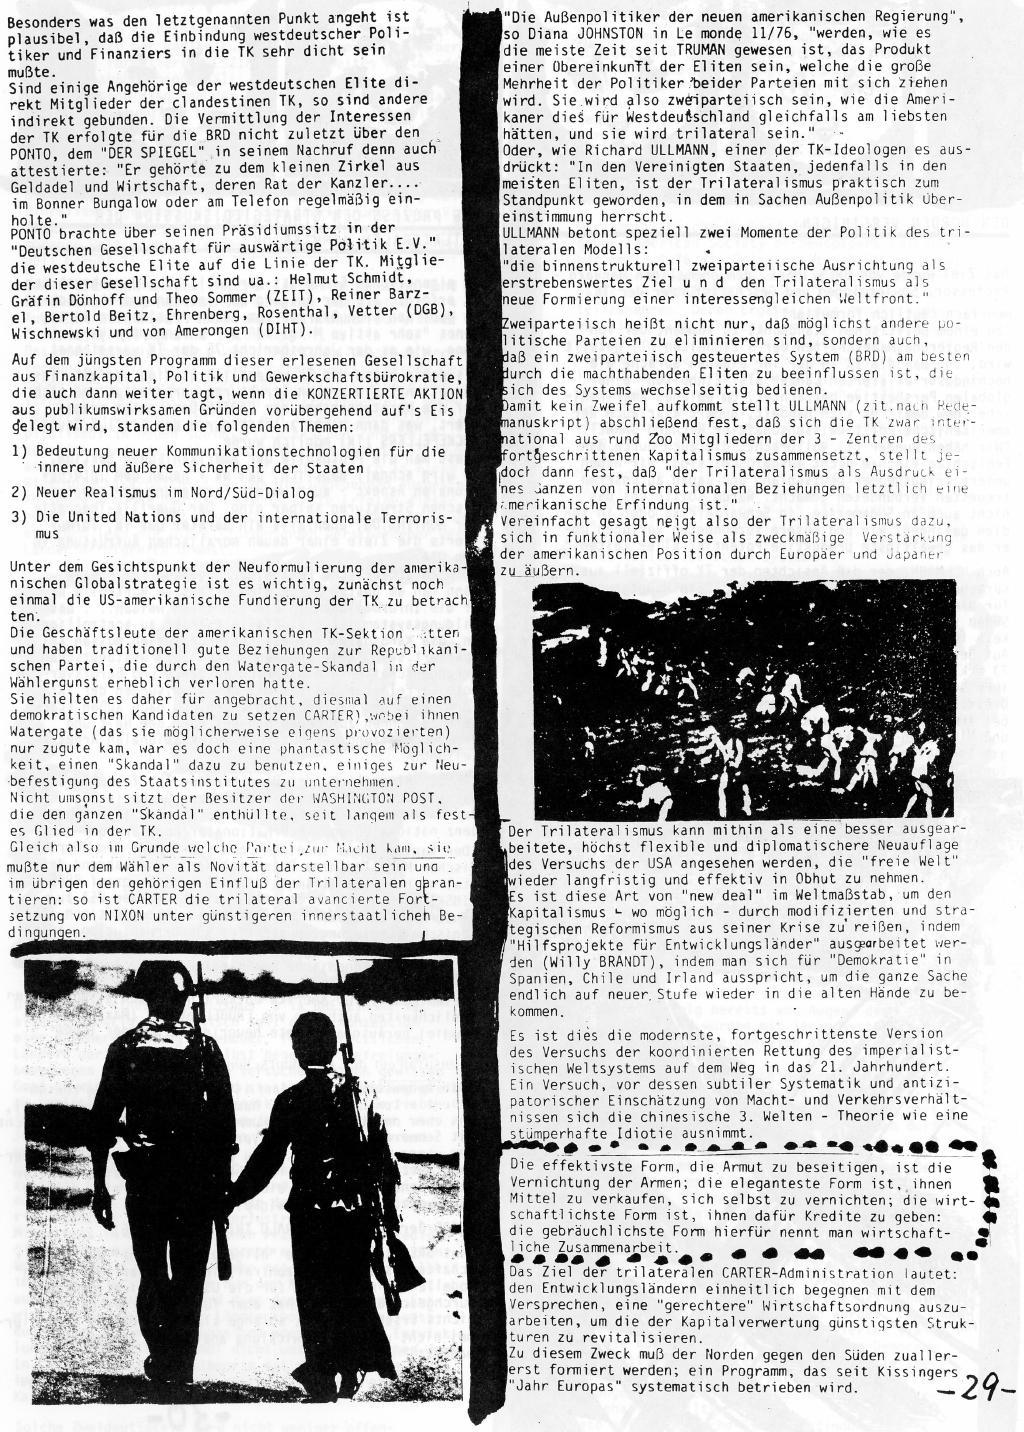 Bremen_1980_NATO_Broschuere_29